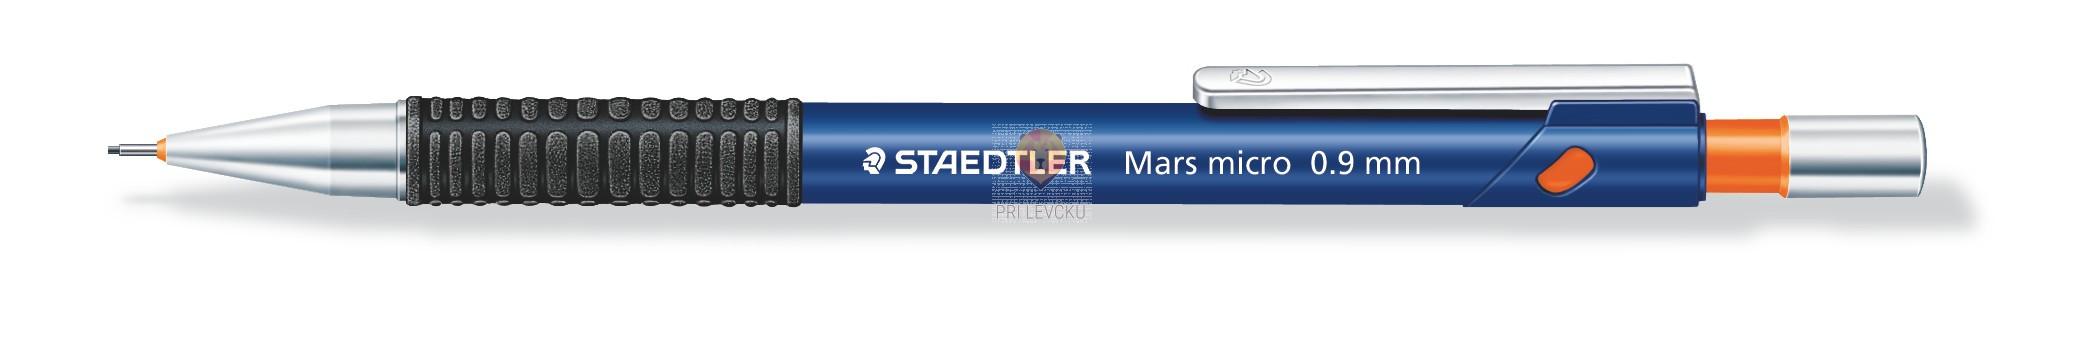 Tehnični svinčnik Mars Micro 0,9mm Staedtler